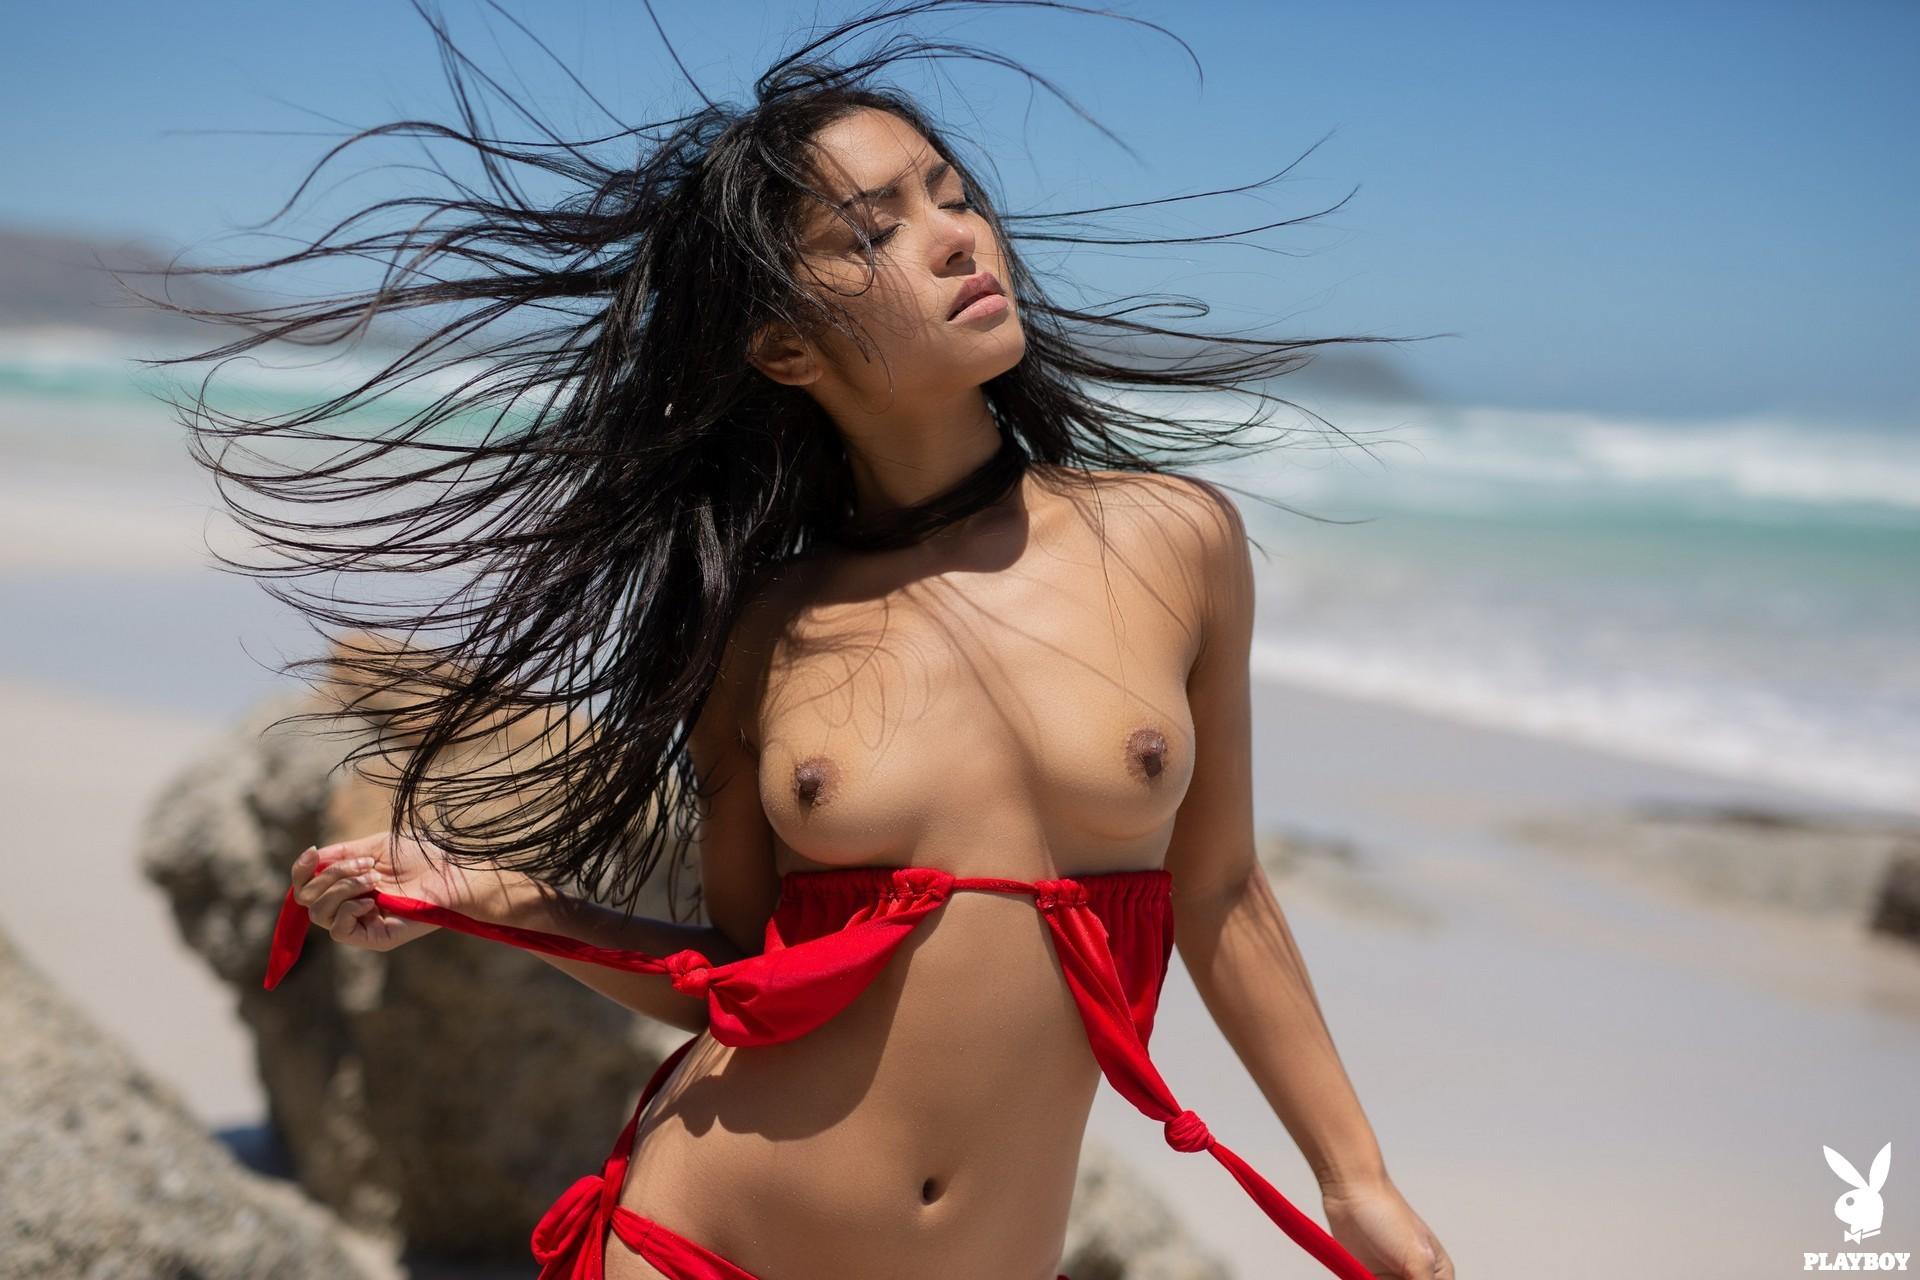 Chloe Rose in Windswept - Playboy Plus 6